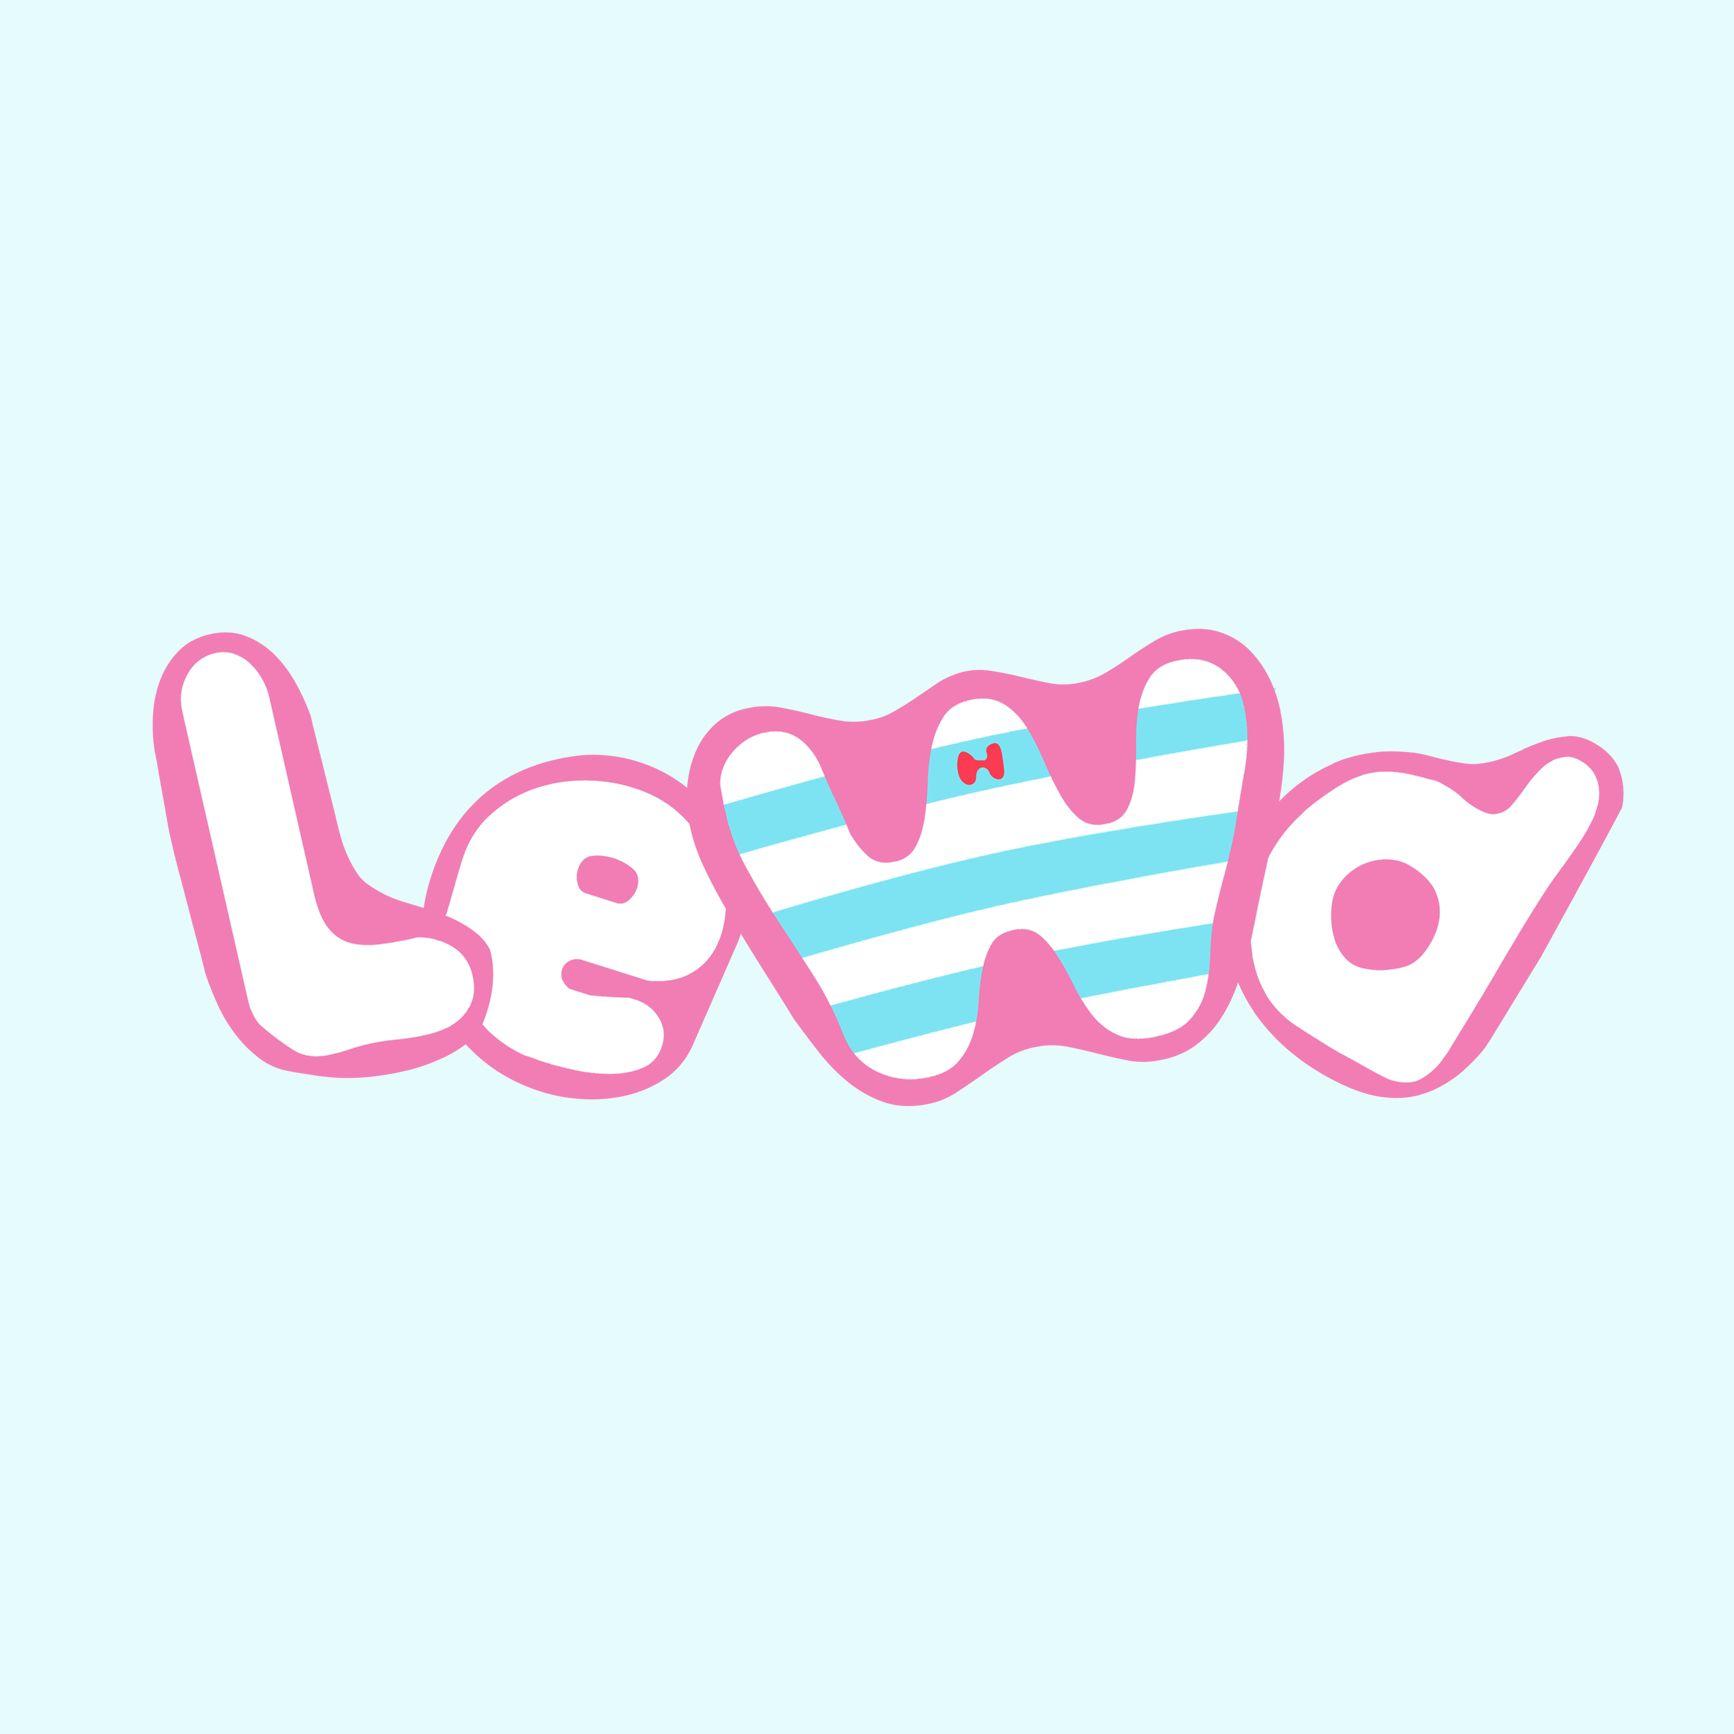 Lewdcast